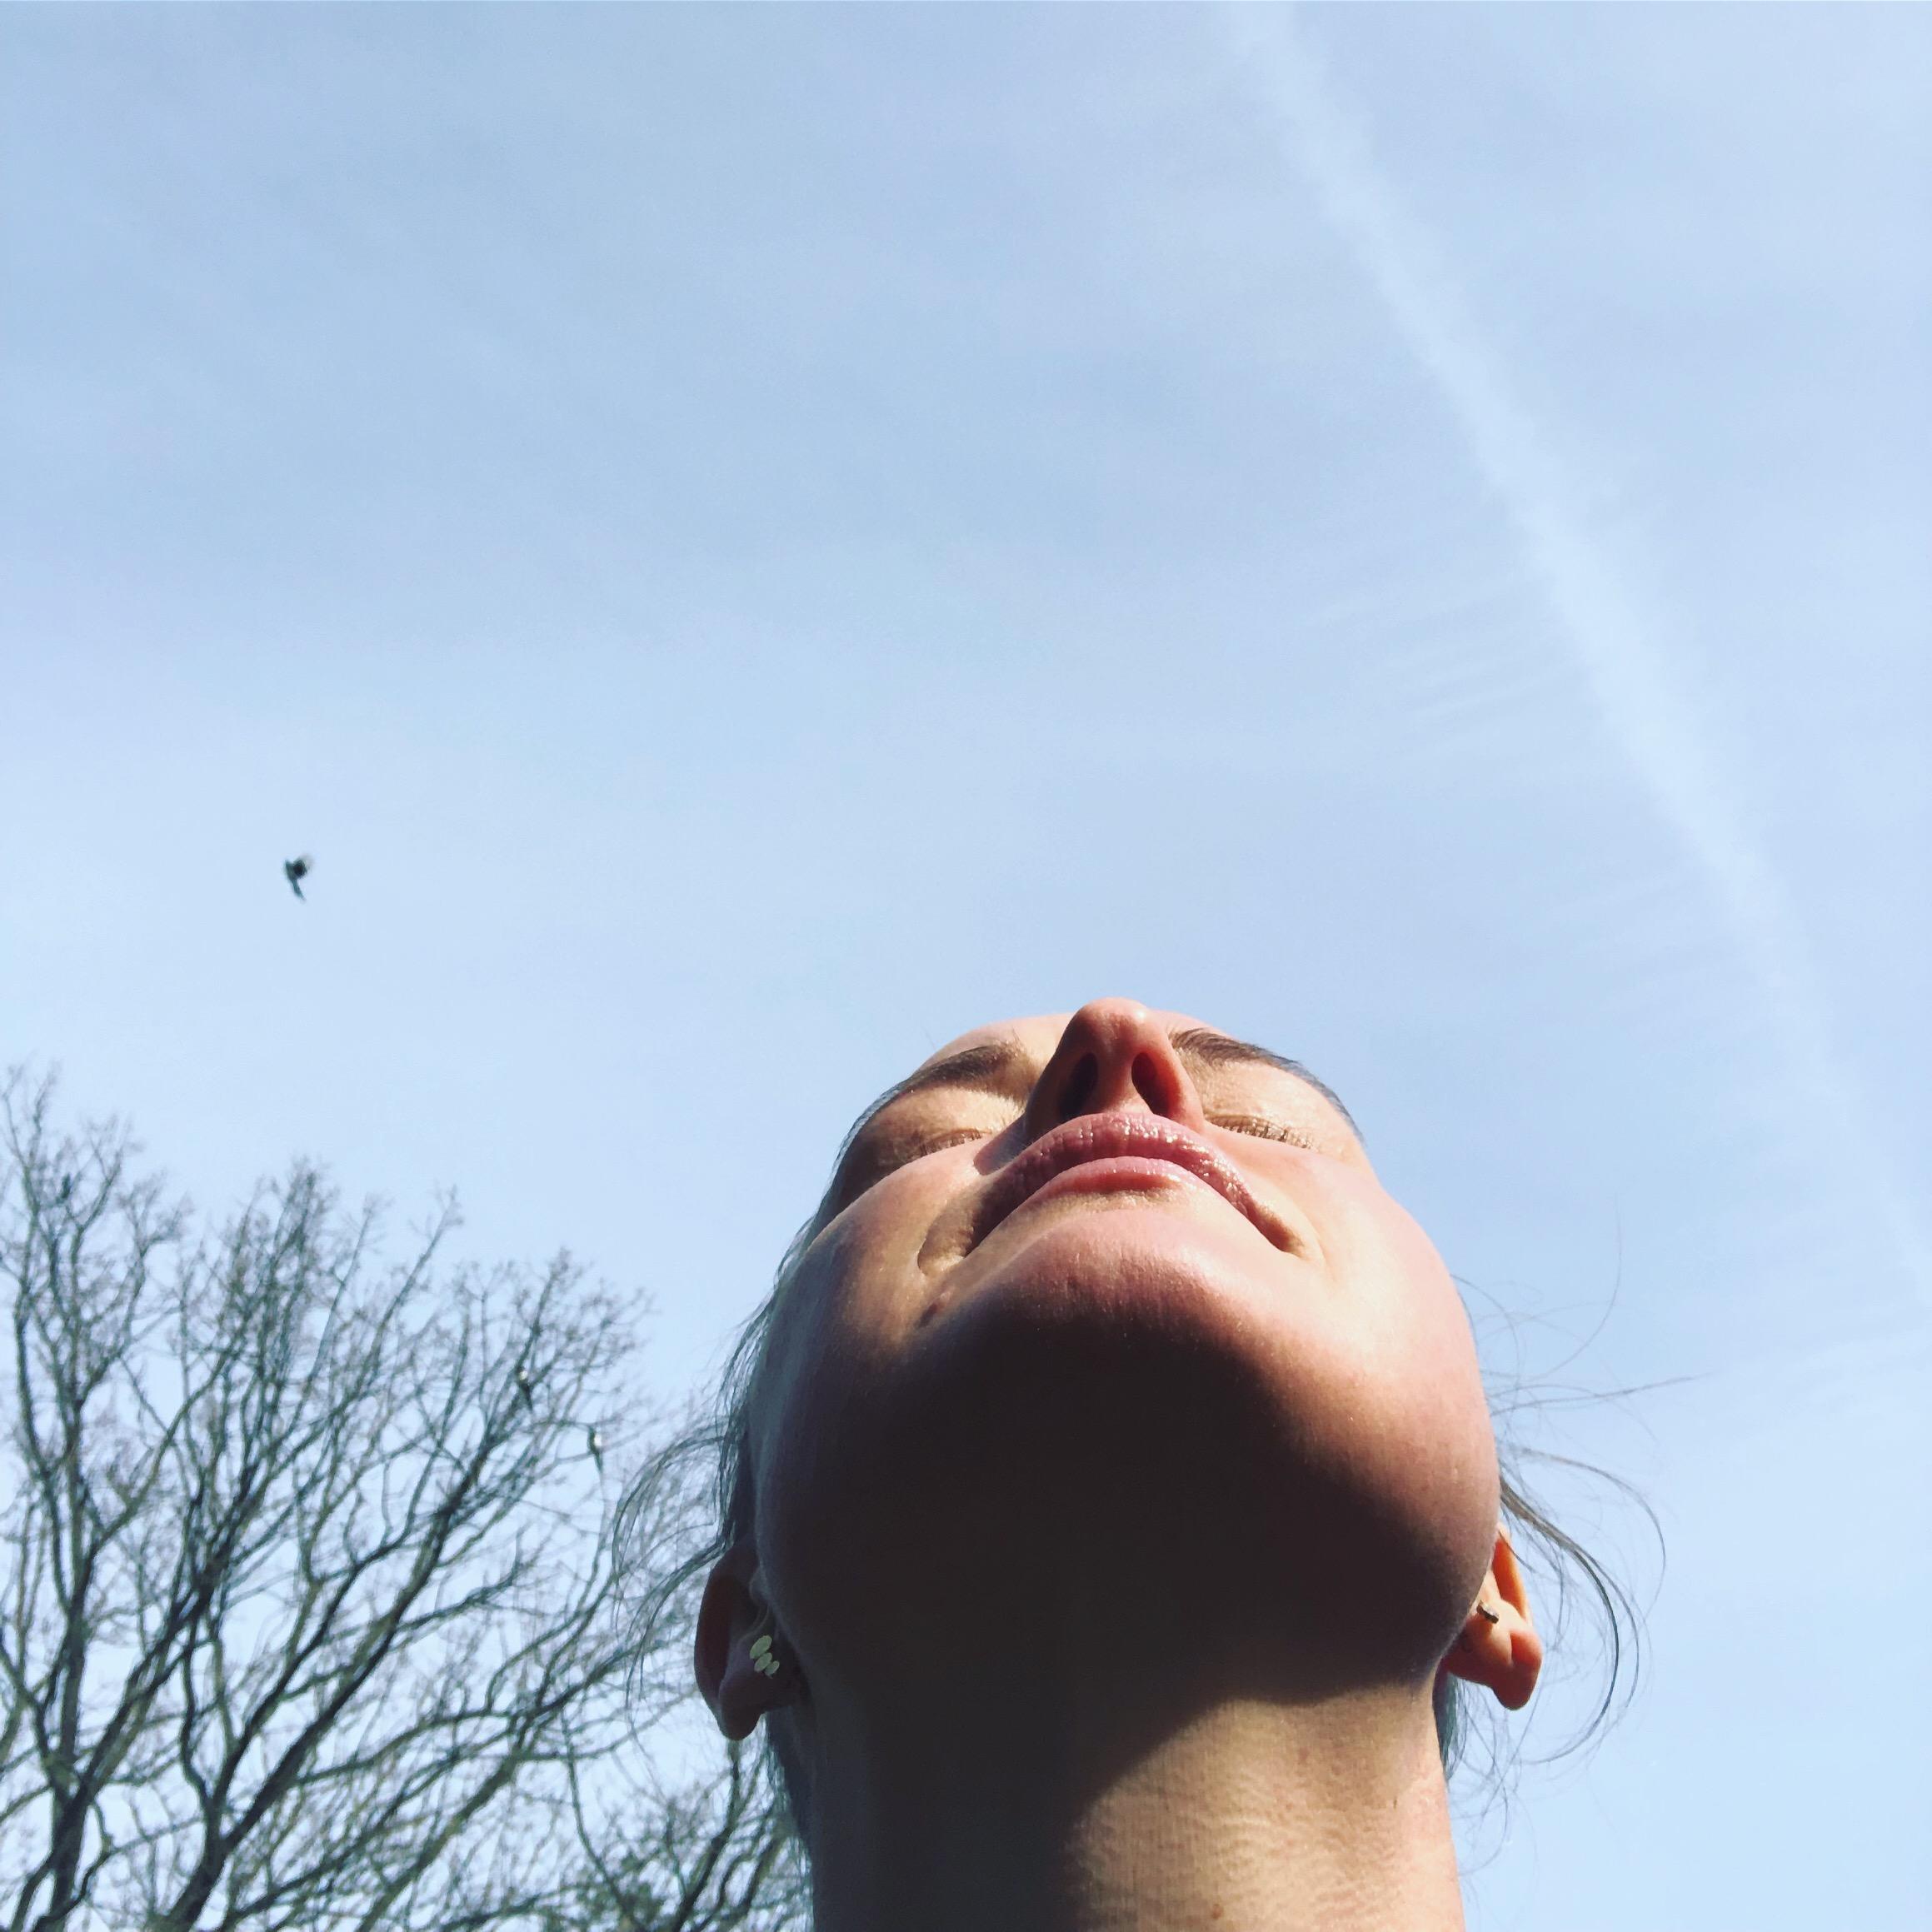 Min sorg har fuglevinger - om hvordan sorgen både kan åbne og lukke os som mennesker